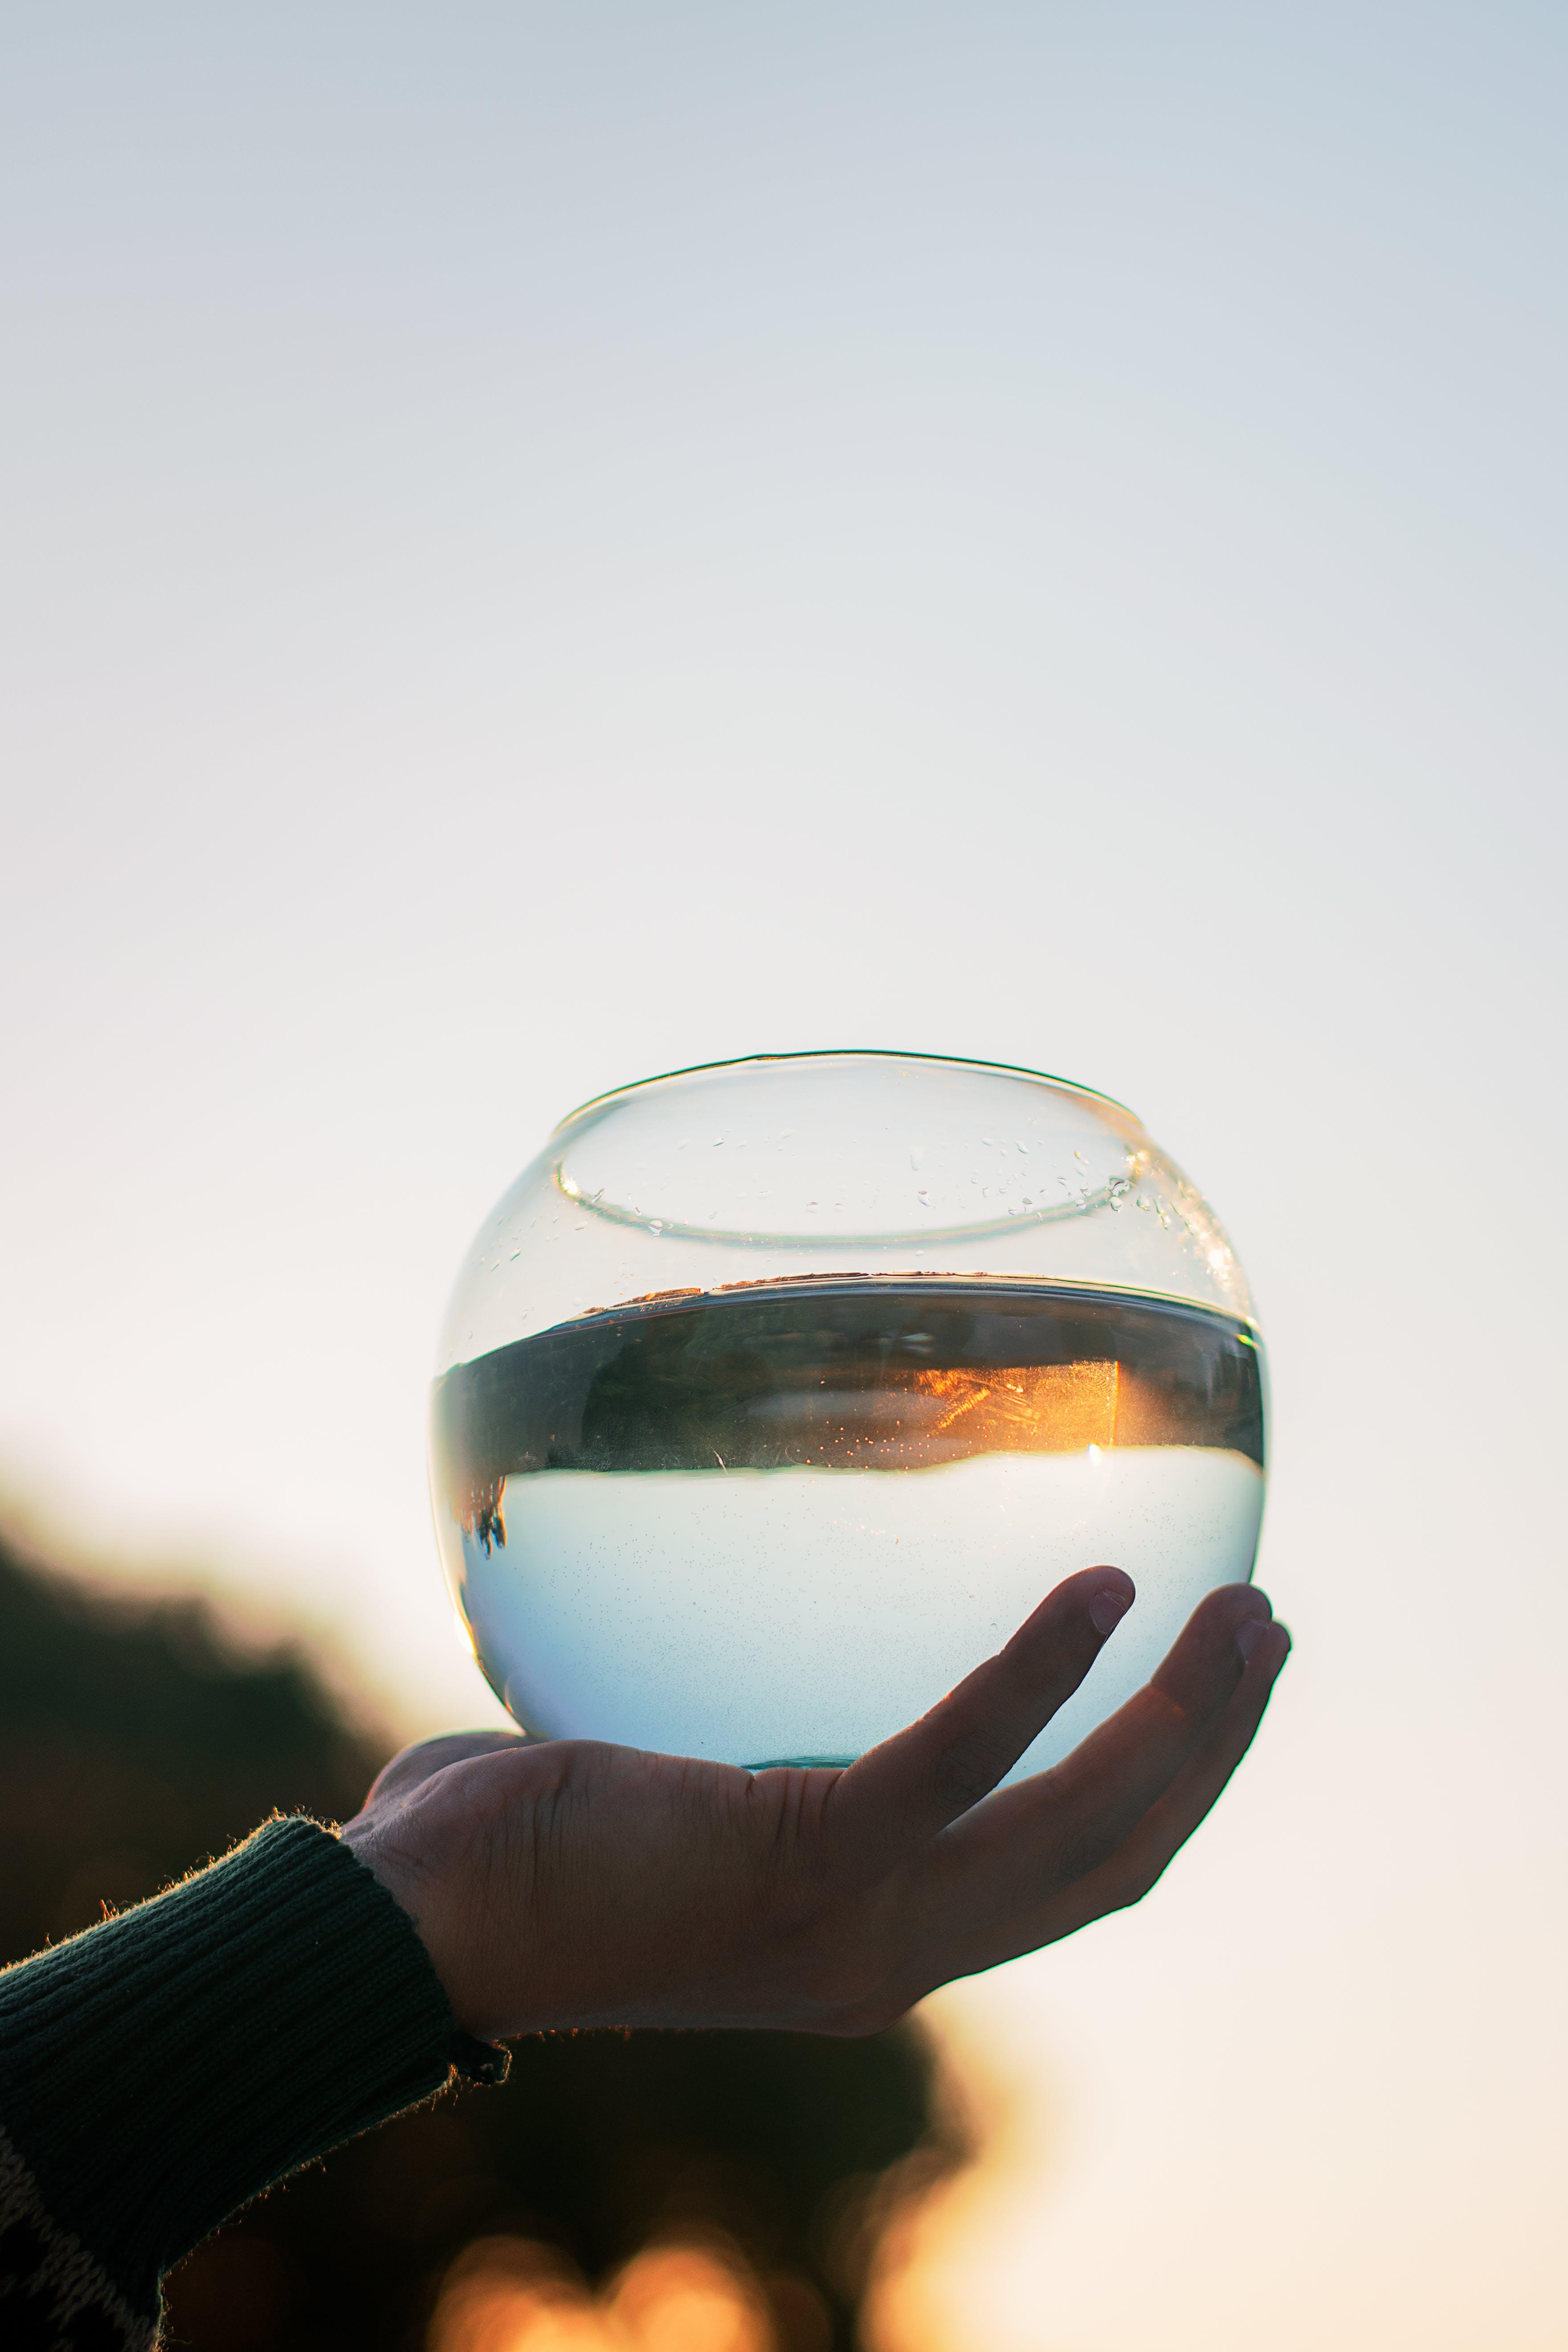 Darmowe zdjęcie z galerii z akwiarium, makro, ręka, szklanka